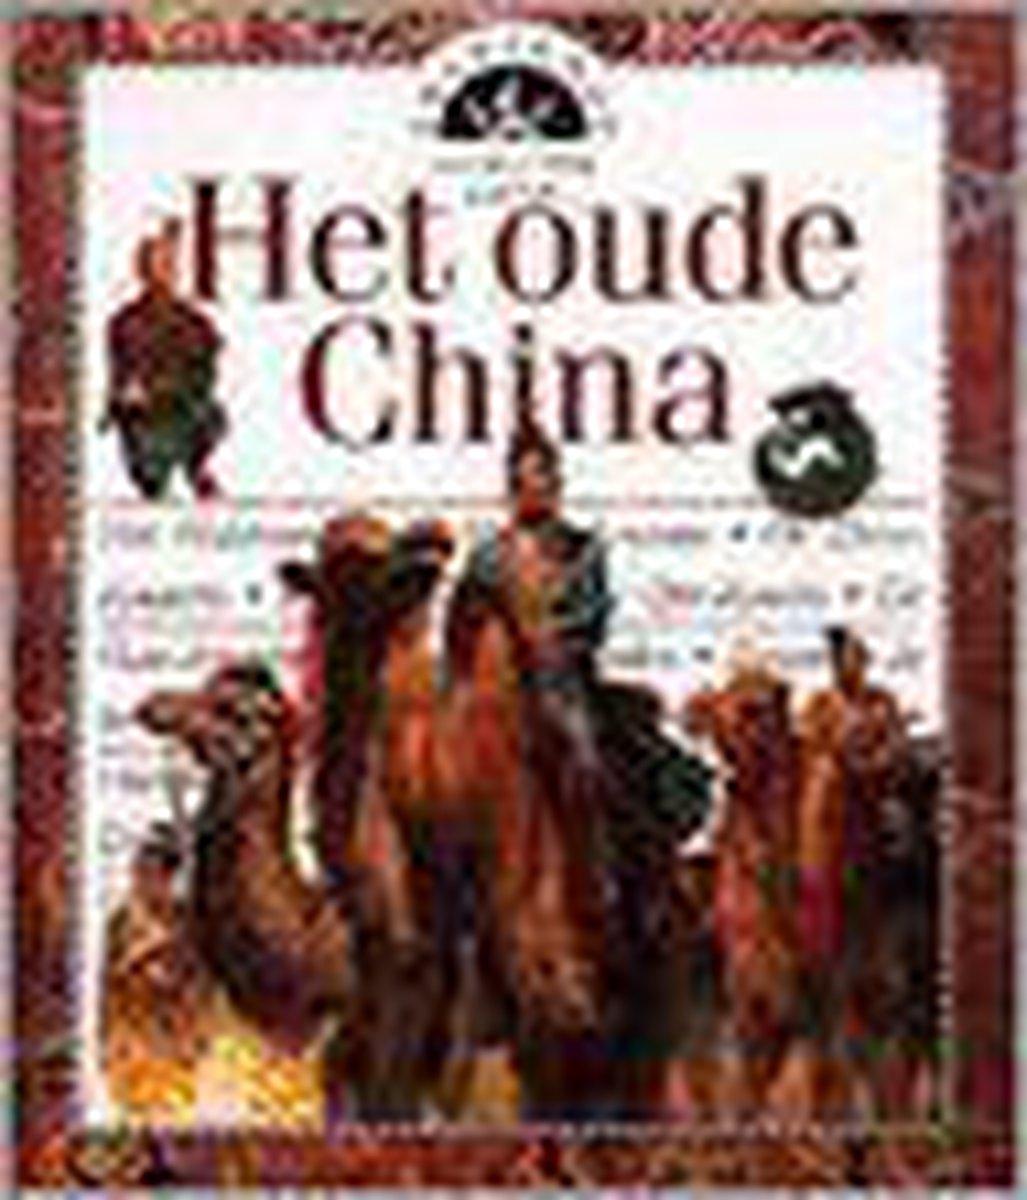 Het vroegere China